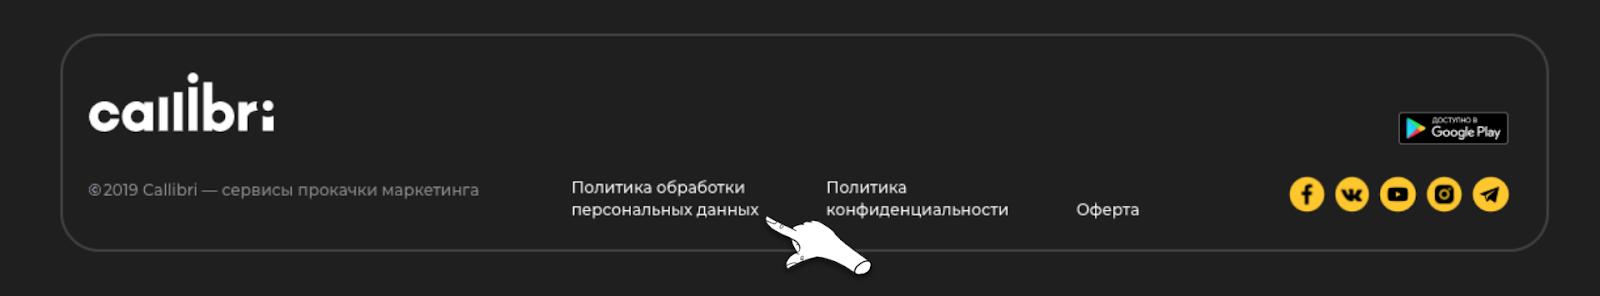 Необходимо разместить ссылку на Политику обработки персональных данных на всех страницах сайта